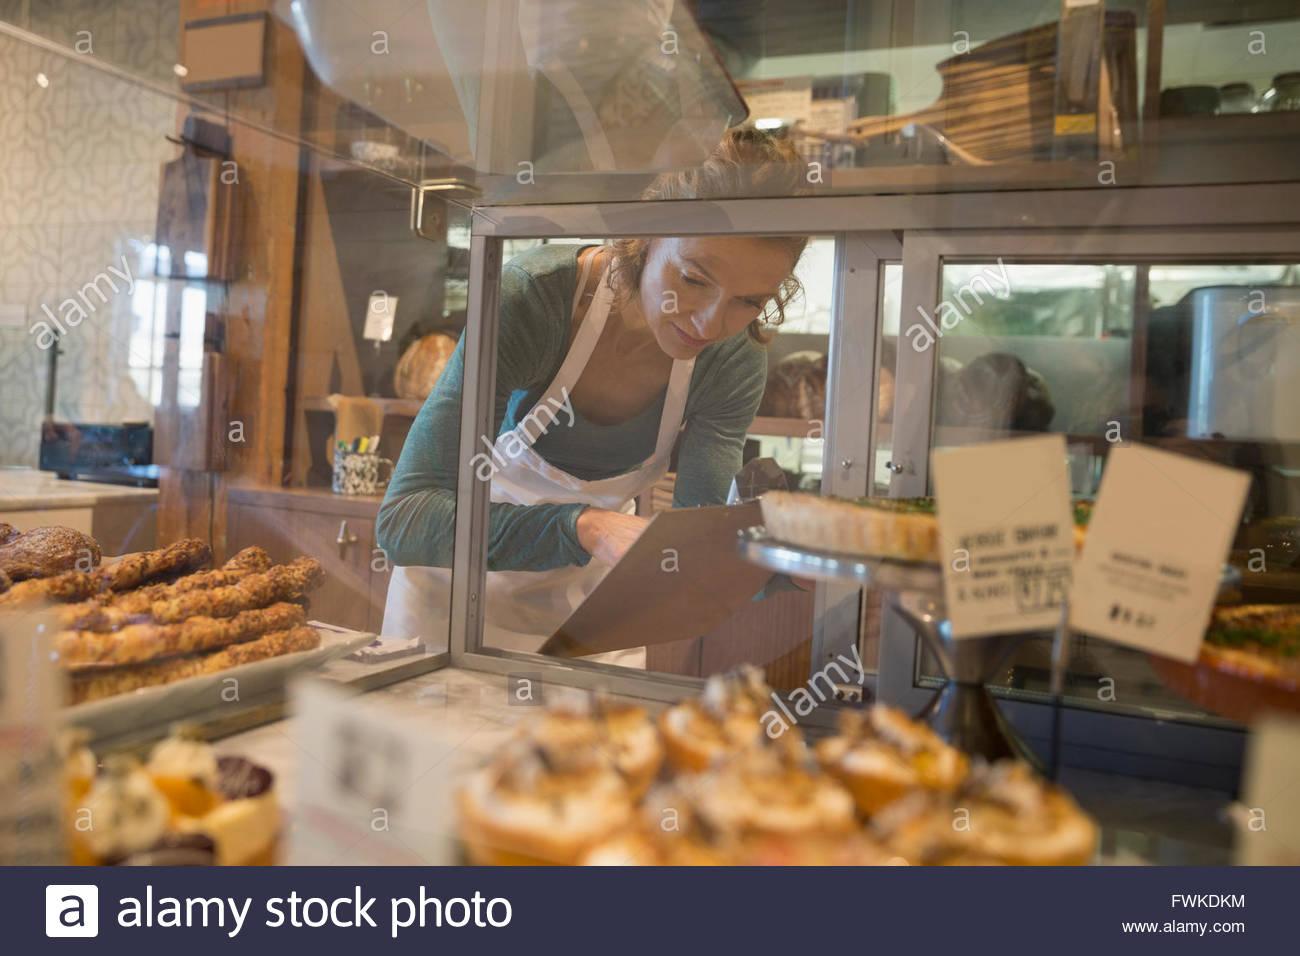 Propriétaire de boulangerie presse-papiers avec contrôle de l'inventaire Photo Stock